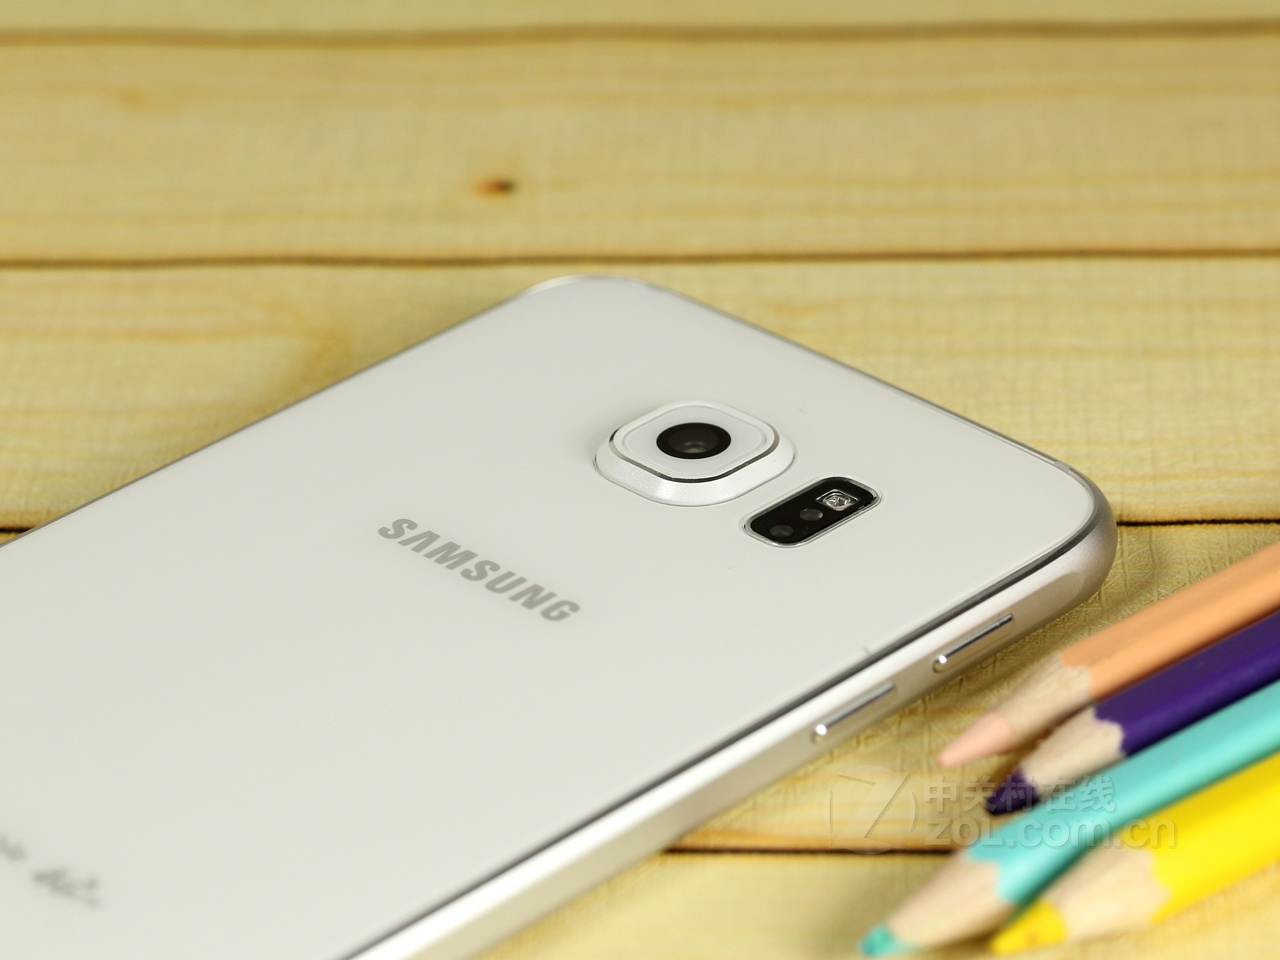 (中关村在线重庆行情)三星 GALAXY S6手机在外观方面设计非常时尚,拥有出众的性能,功能更丰富,设计精致时尚。目前该款三星 GALAXY S6手机在商家校园数码(可按揭)处首付仅1200元,月供309元,支持零首付。  三星 GALAXY S6   三星 GALAXY S6将分辨率提升至了2K级别,前置摄像头提升至500万并且后置摄像头加入相机防抖,光圈增大,以及相对应的1600万像素后置摄像头,处理器也换成了自己64位的猎户座7420,内存由2GB提高至旗舰机该有的3GB并加入了无线充电功能。